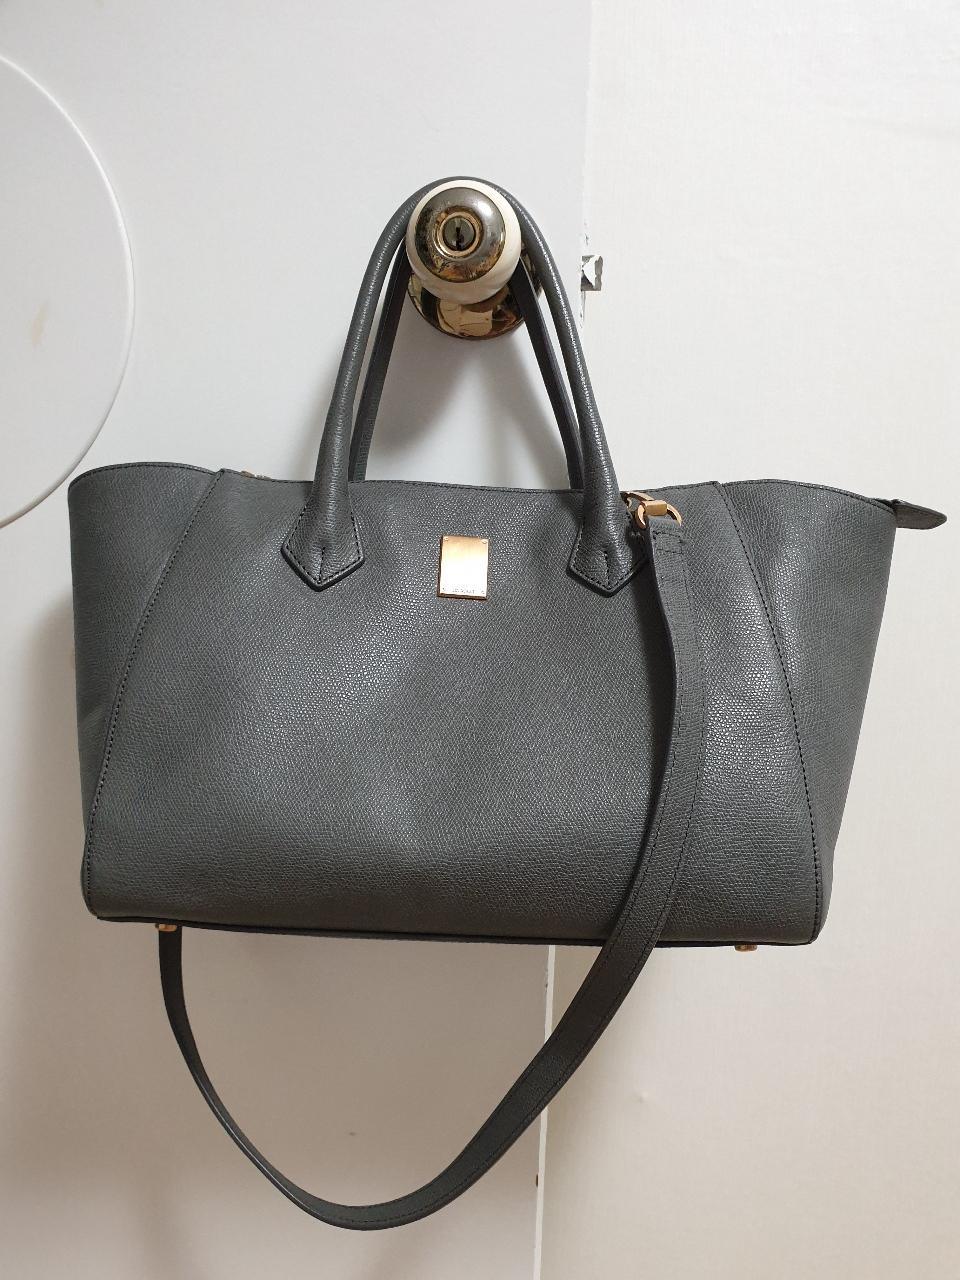 쿠론 스테파니가방(죽전신세계 구매)